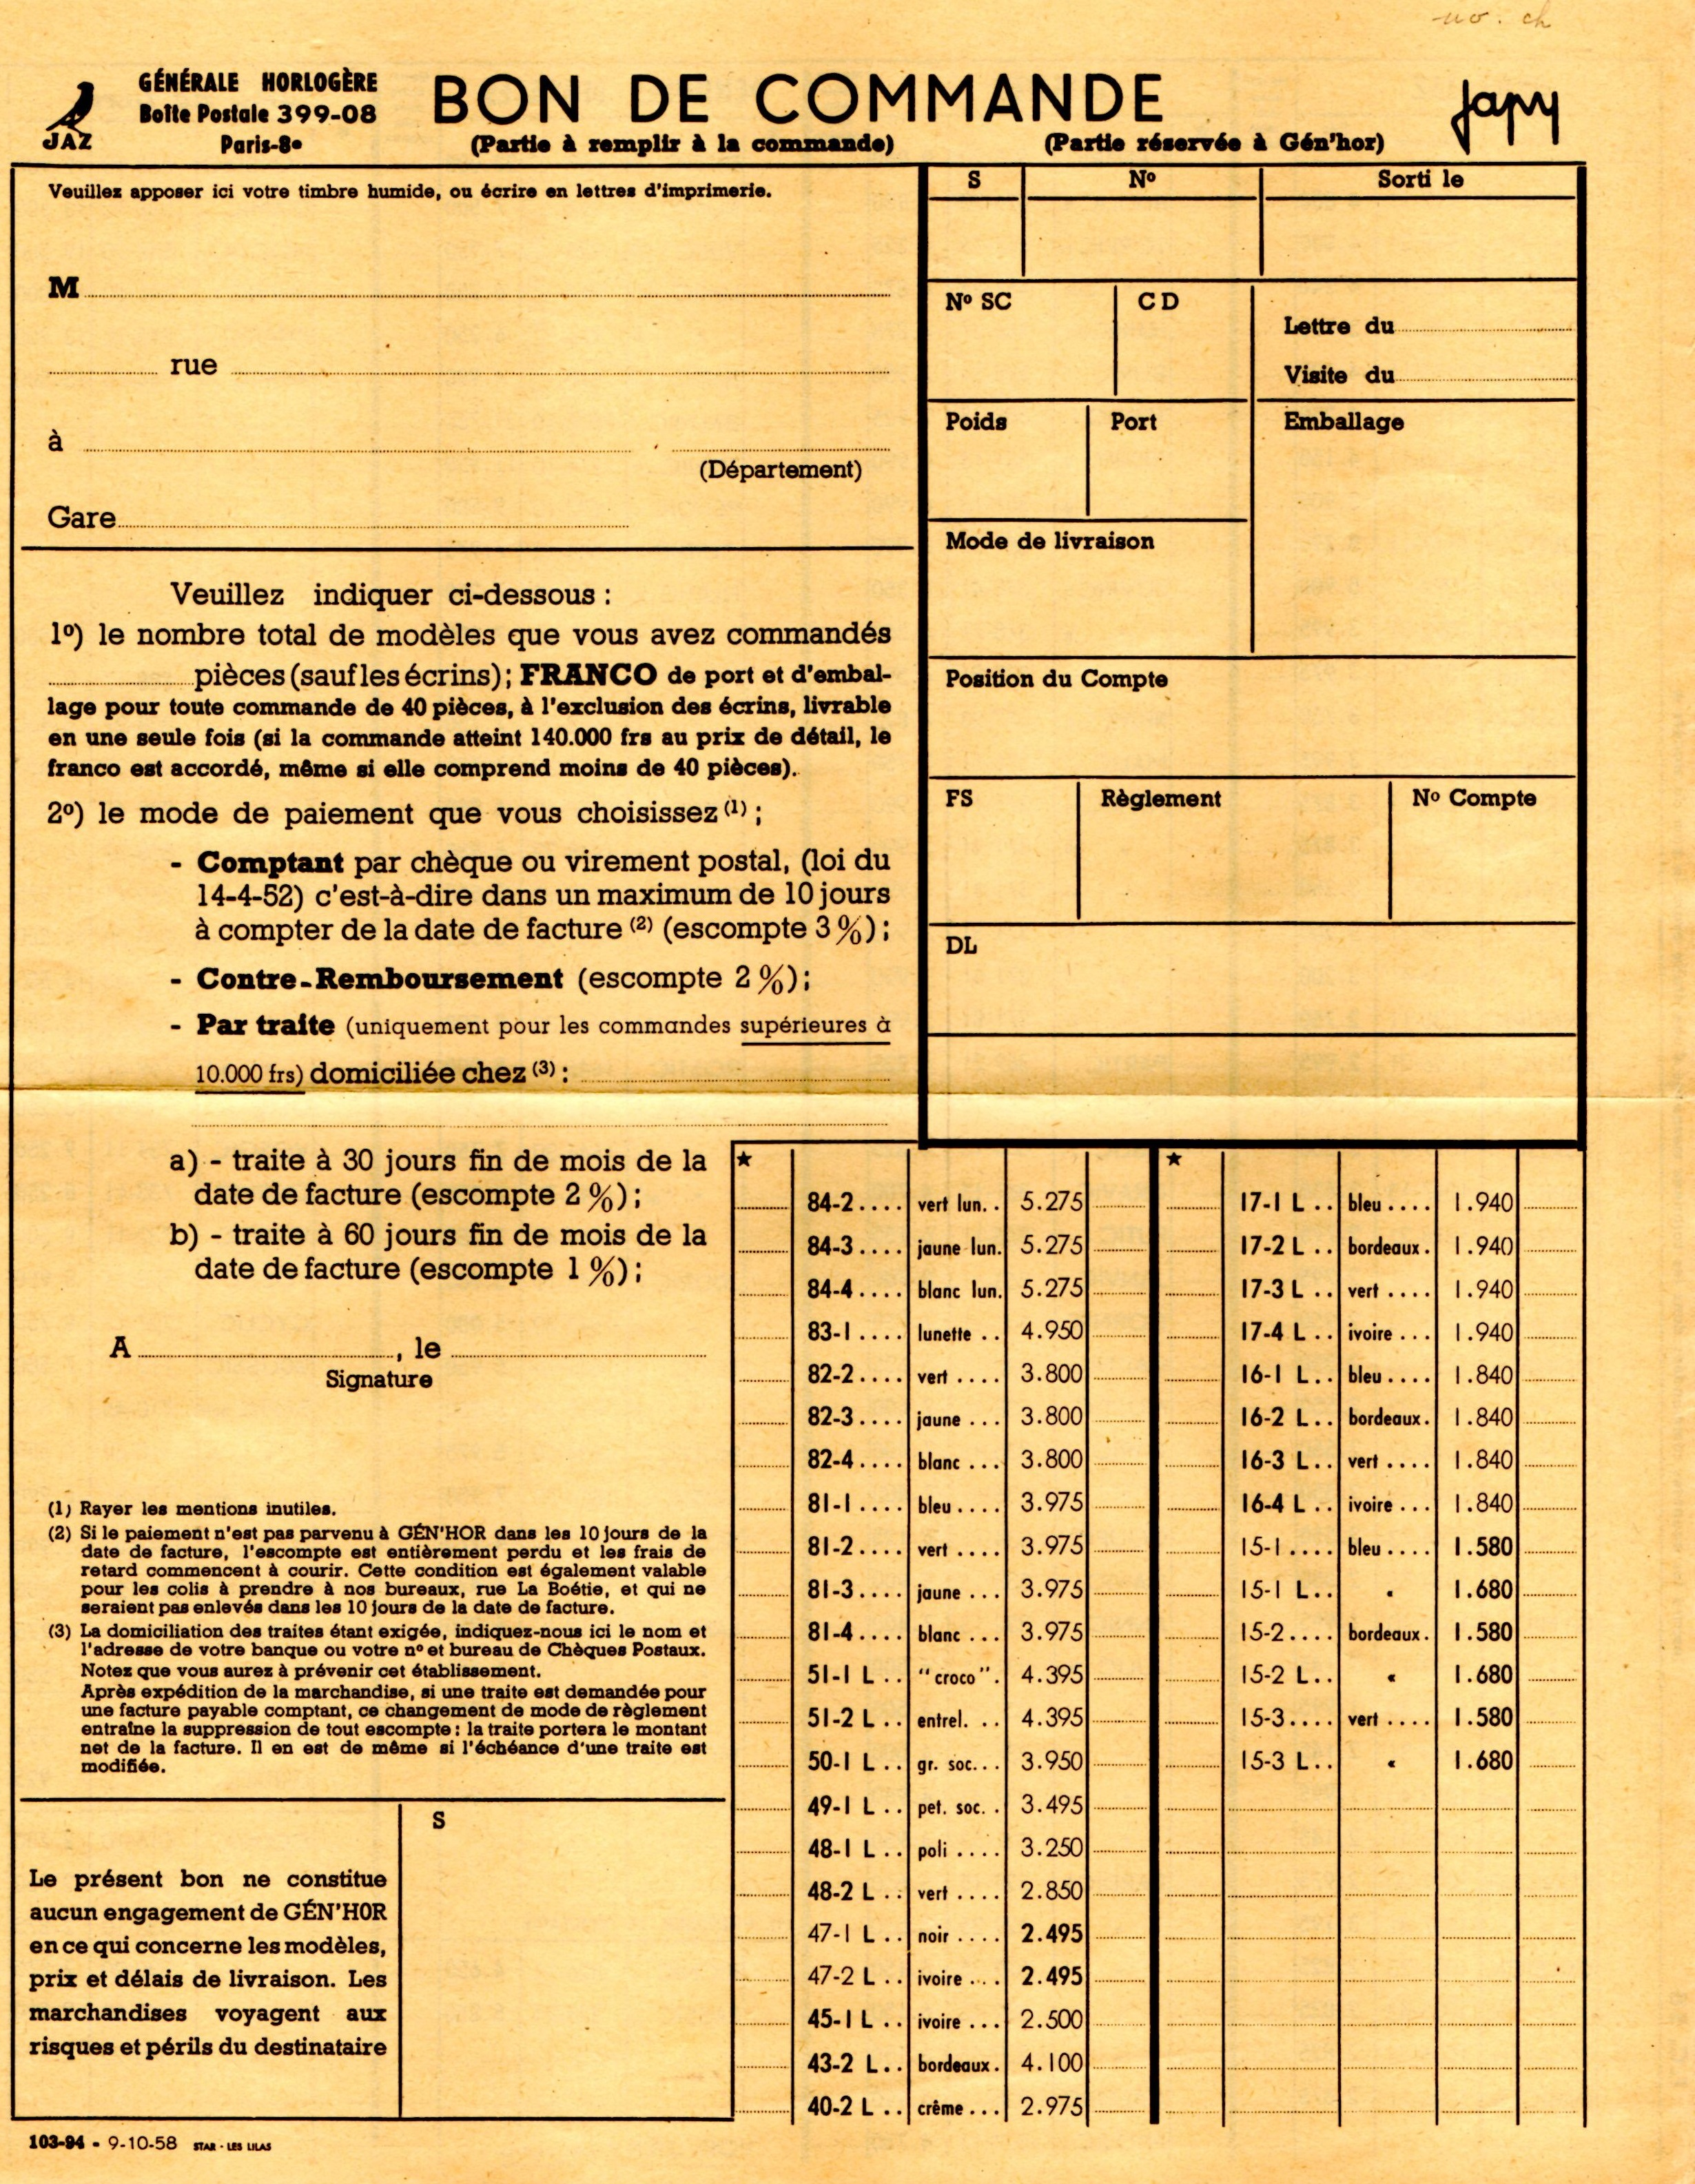 1958 bon de commande tarif FC 58 octobre 1958